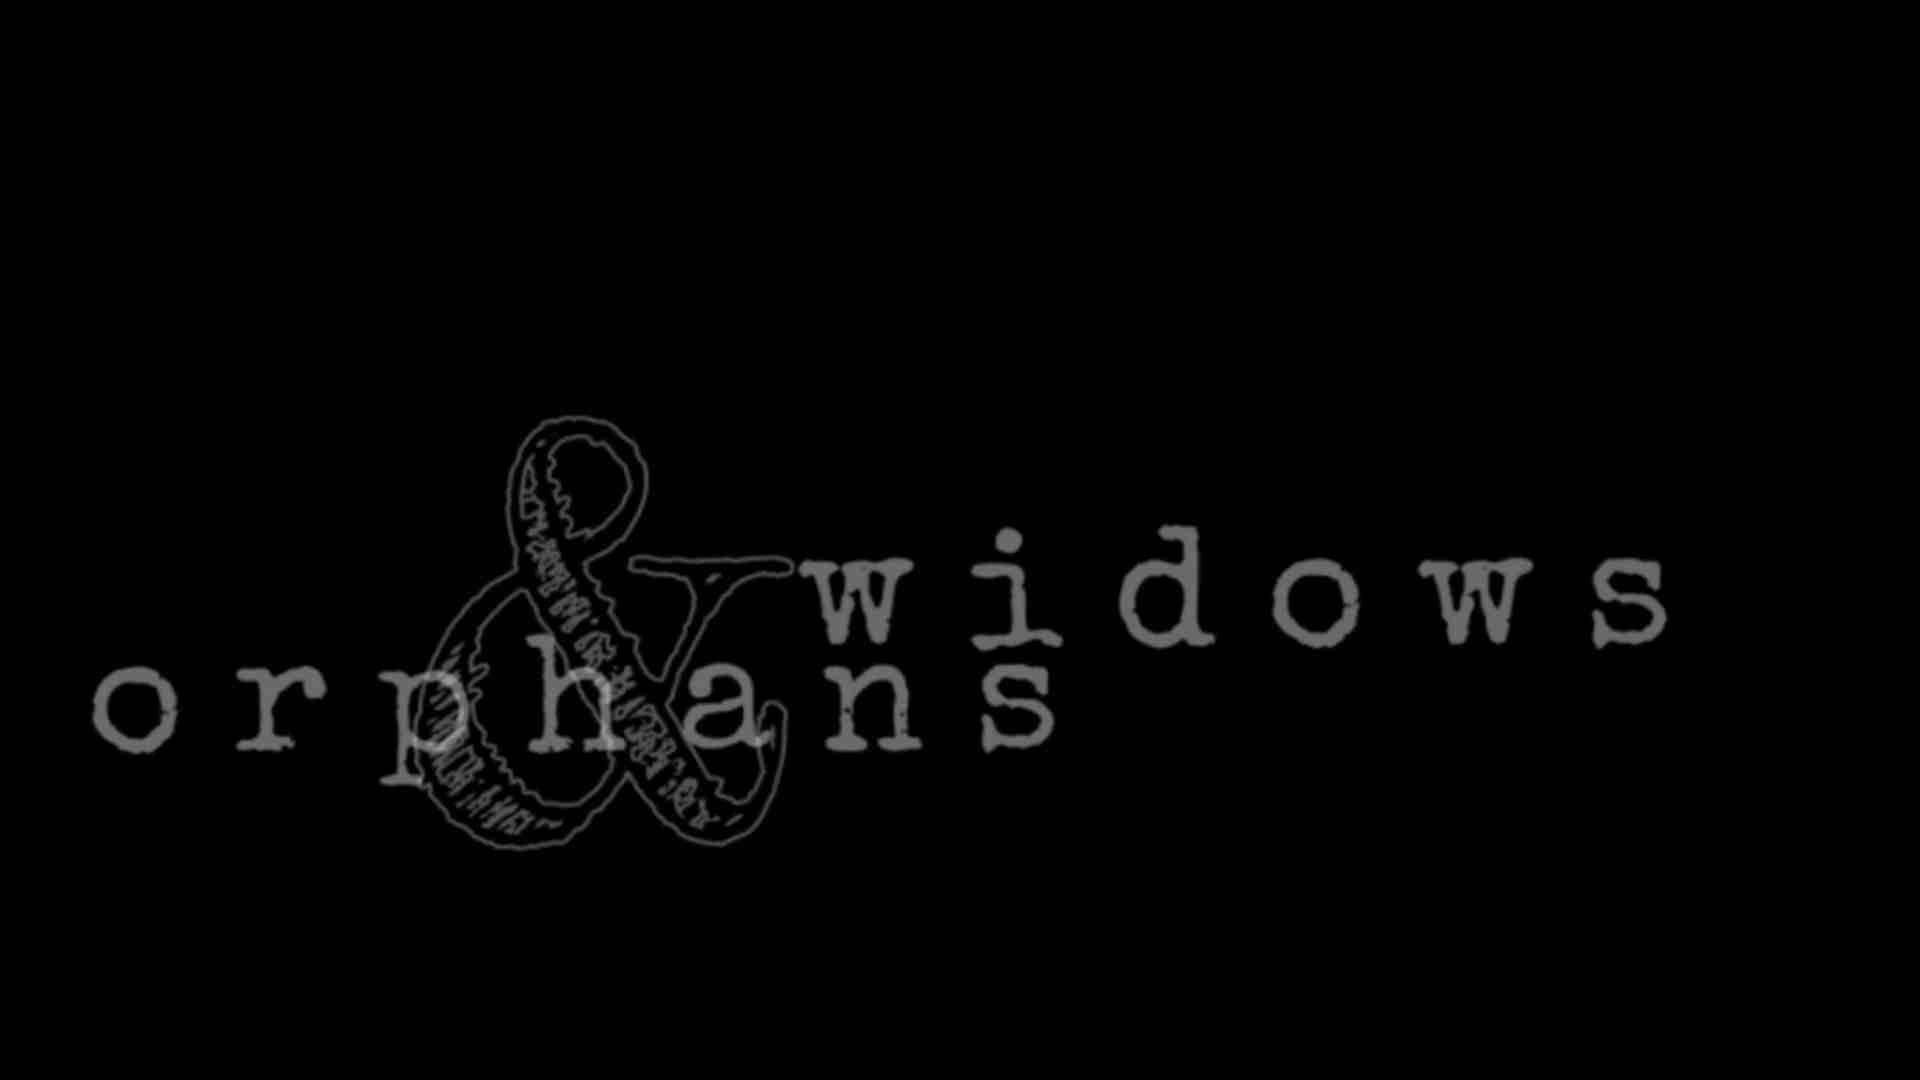 Widows & Orphans (2019)